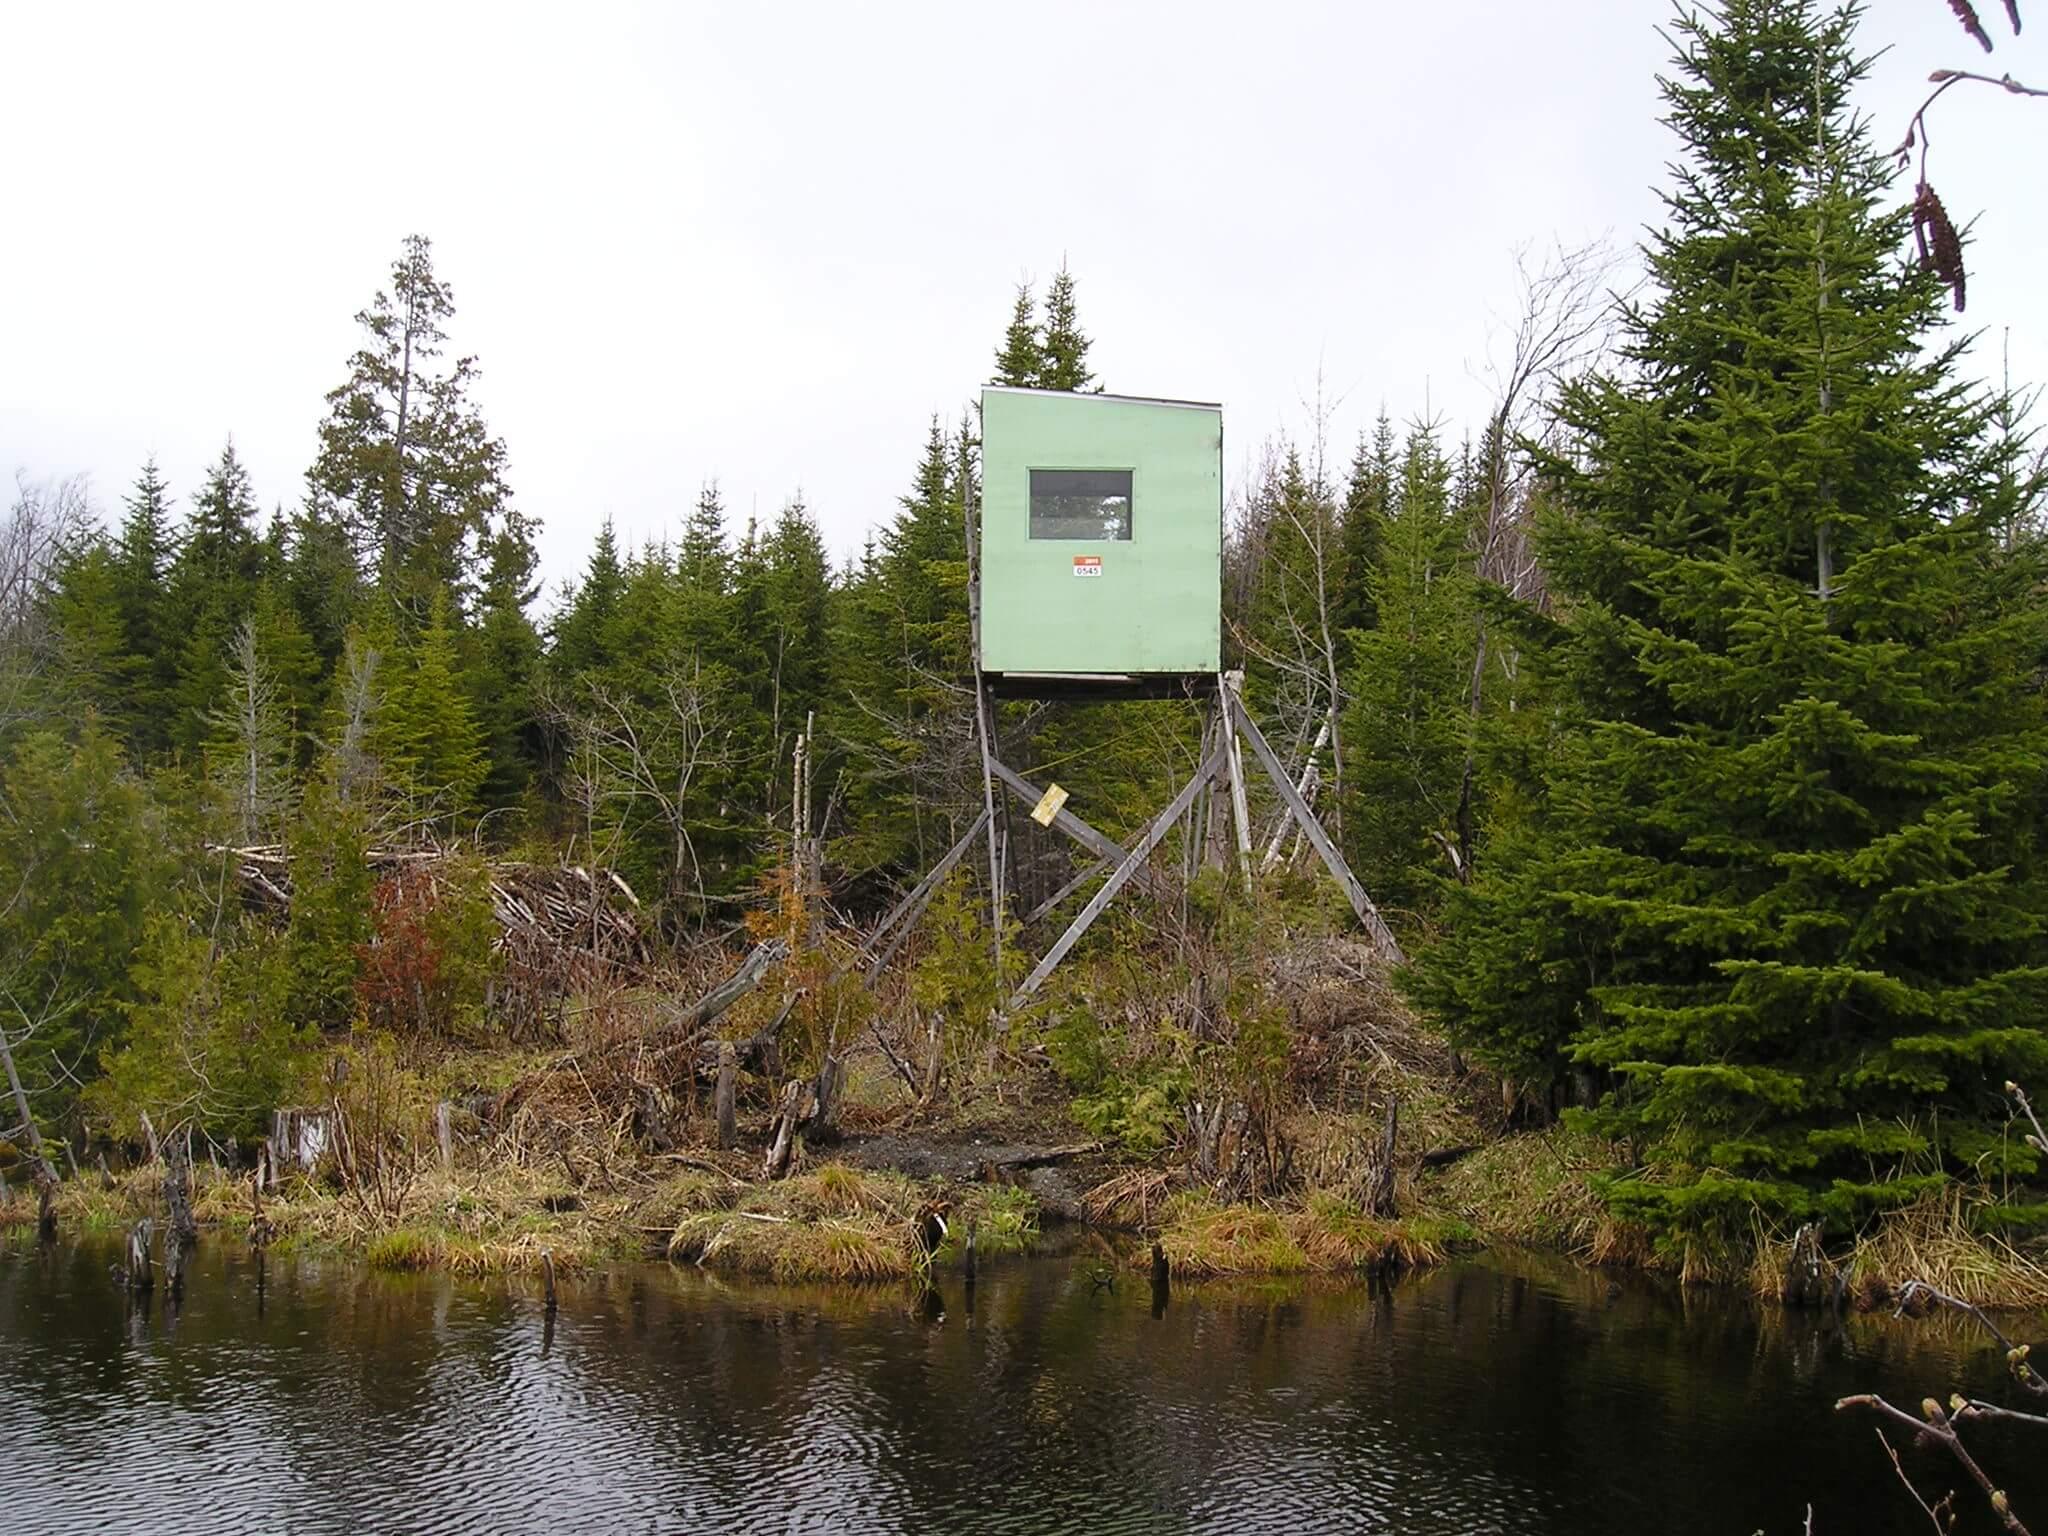 Un employé de zec peut-il aller en forêt pour localiser les caches ?